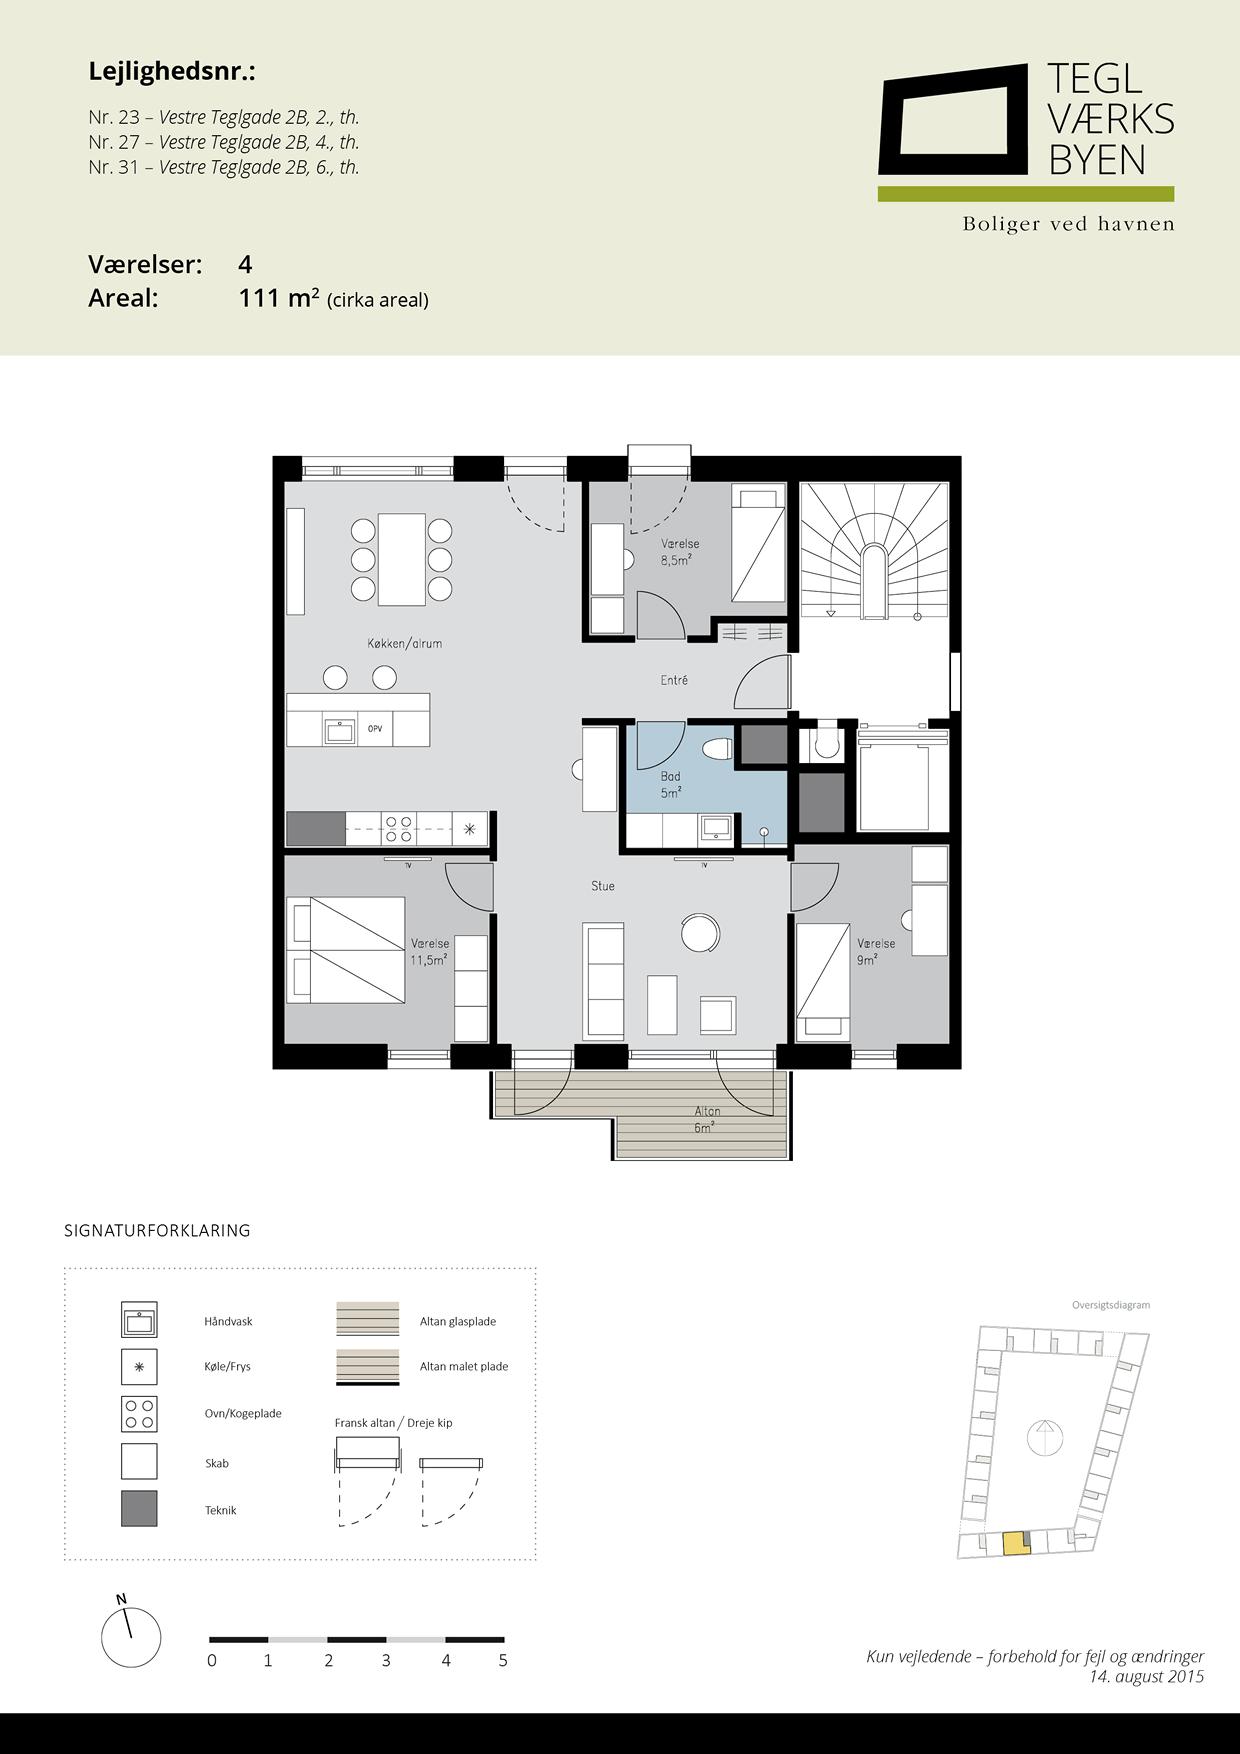 Teglvaerksbyen_23-27-31_plan